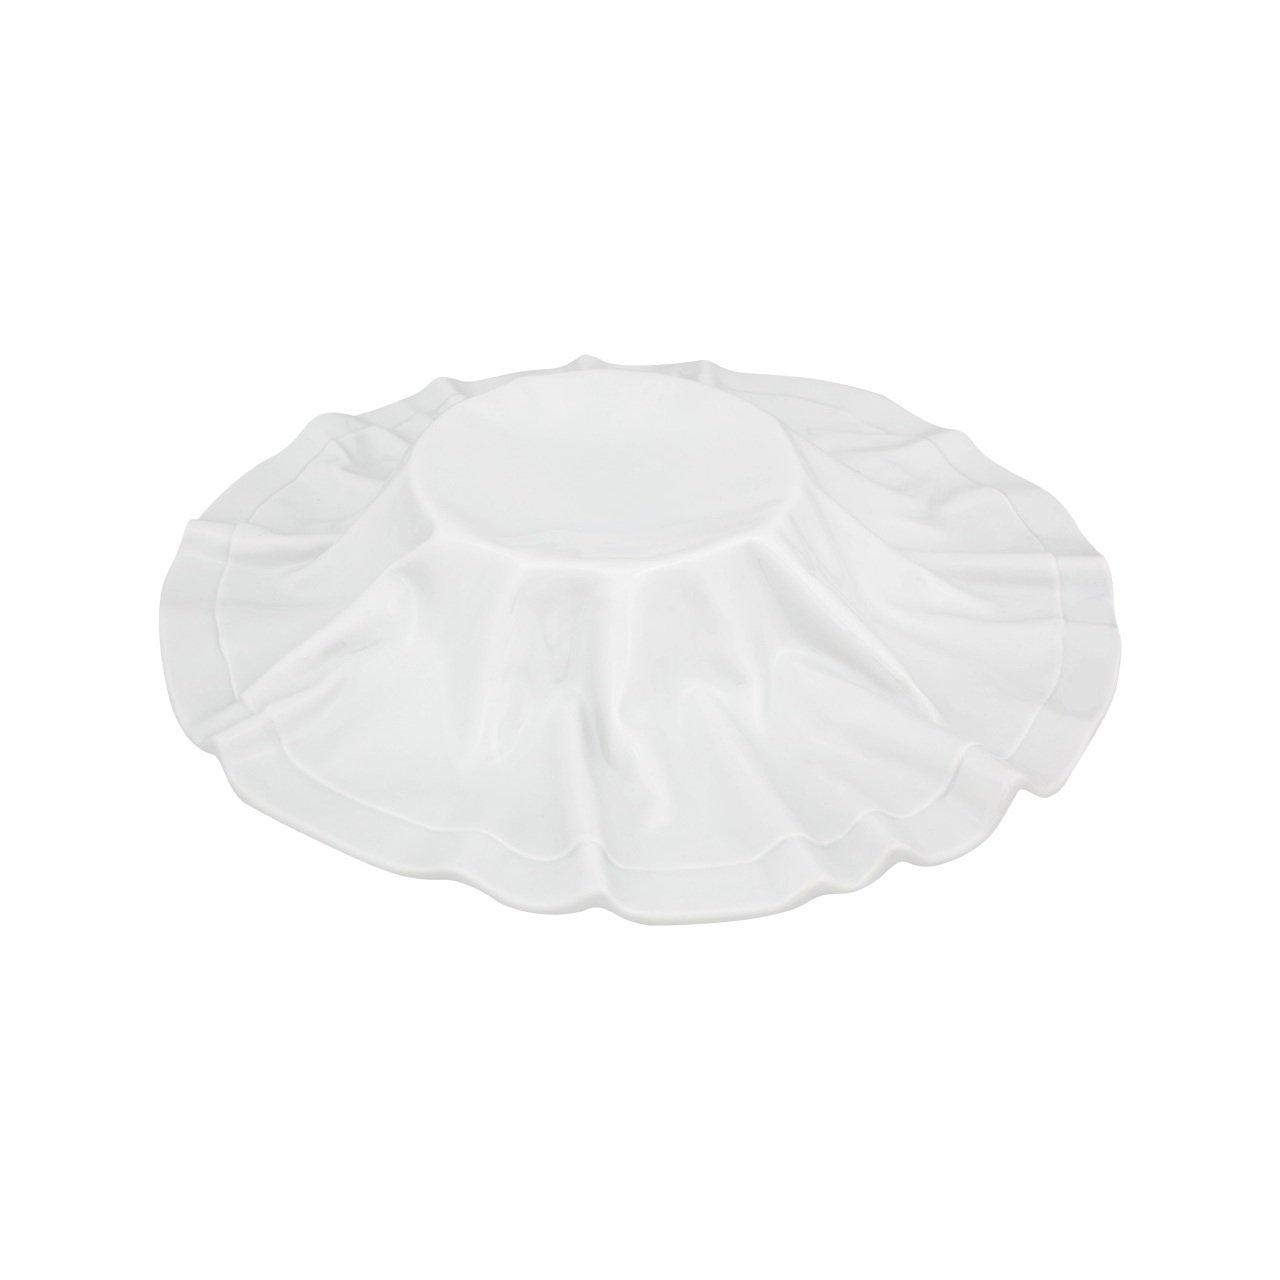 тарелка мелкая Tecido дизайнерская посуда Vista Alegre с высоким основанием и обрамлением из фарфора в виде скатерти